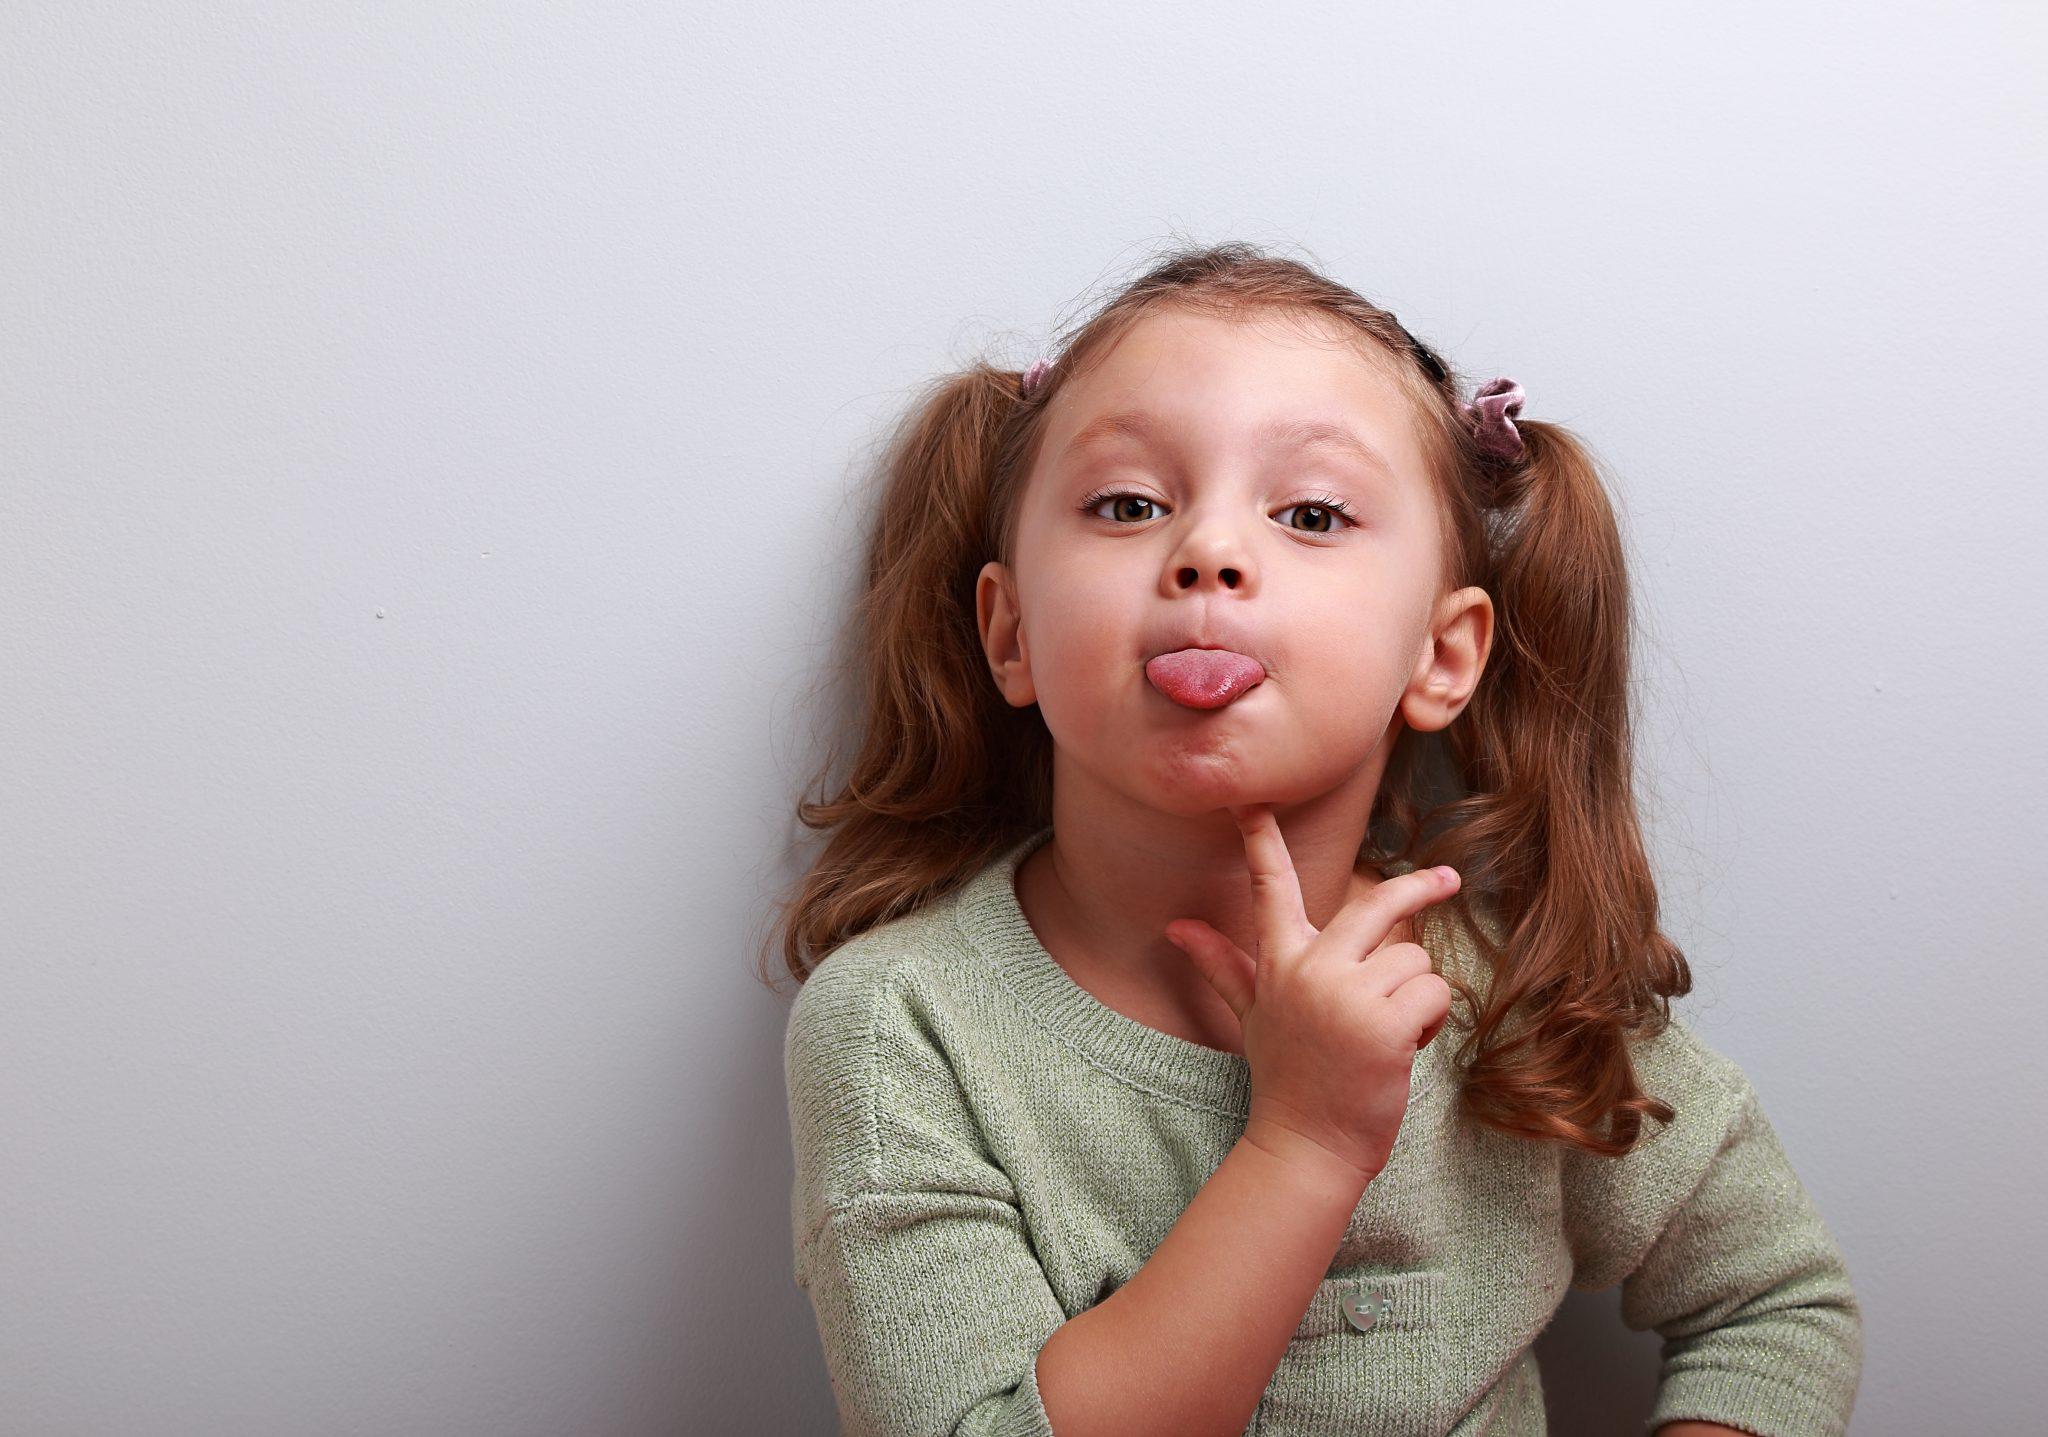 Verlieren stärkt auch das Selbstbewusstsein von Kindern